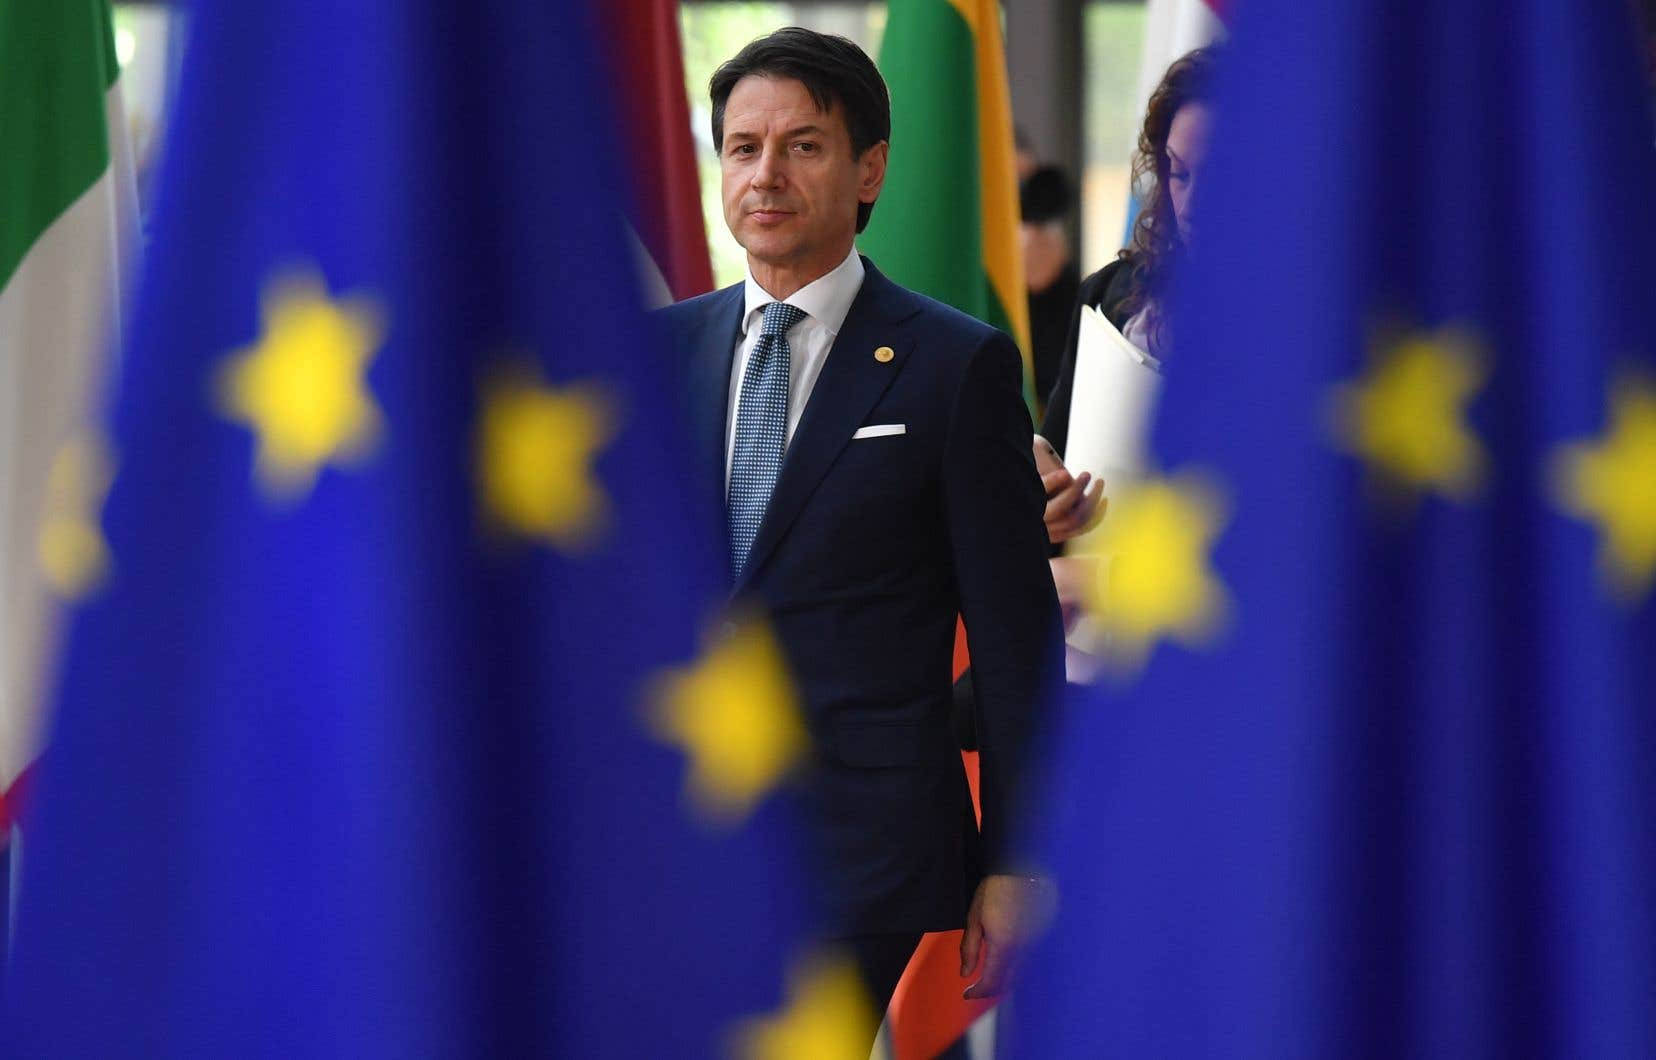 Le chef du gouvernement populiste italien, Giuseppe Conte